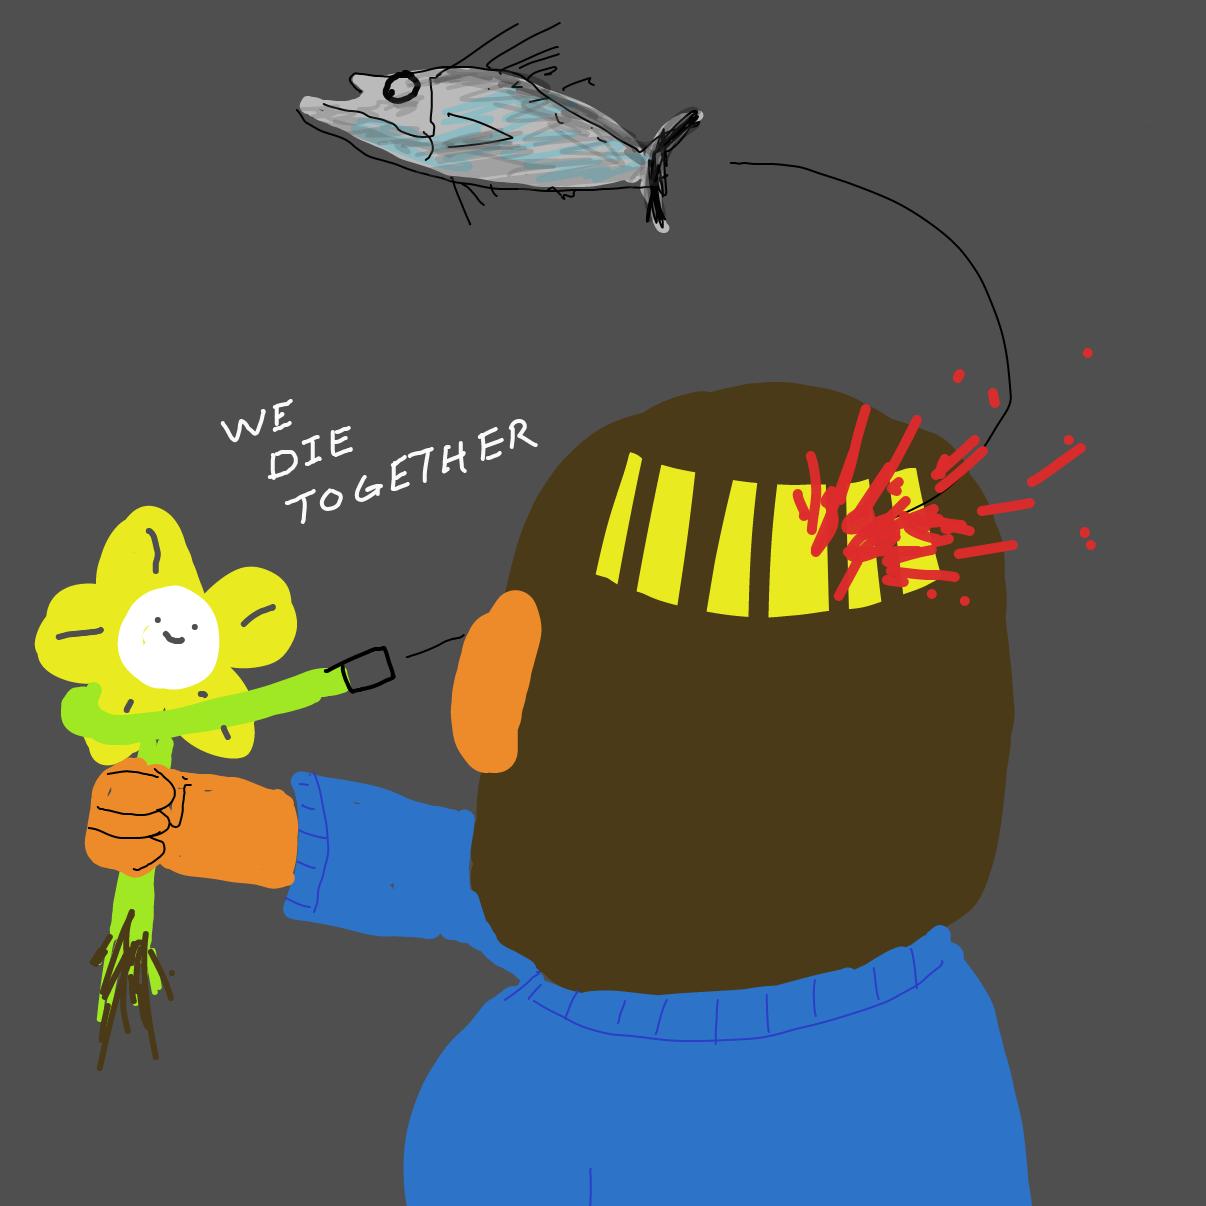 Drawing in Flowey by Potato Man